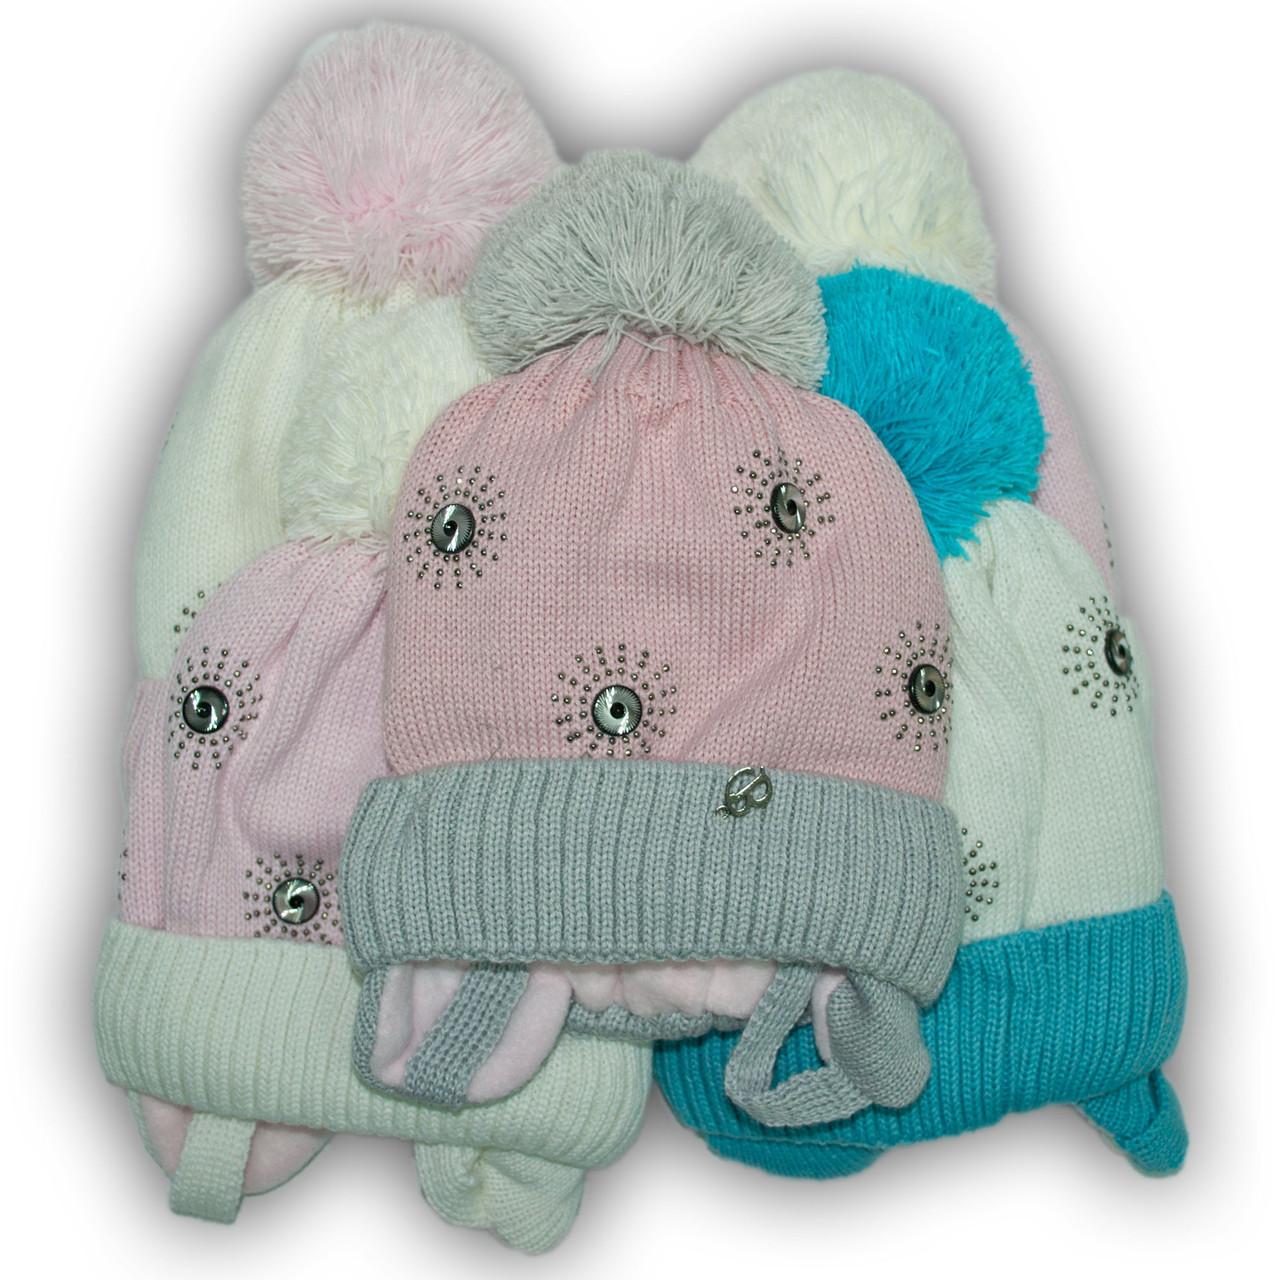 Шапка для девочек, Польского производителя Barbaras, подкладка хлопок, помпон акрил, модель R16/AP